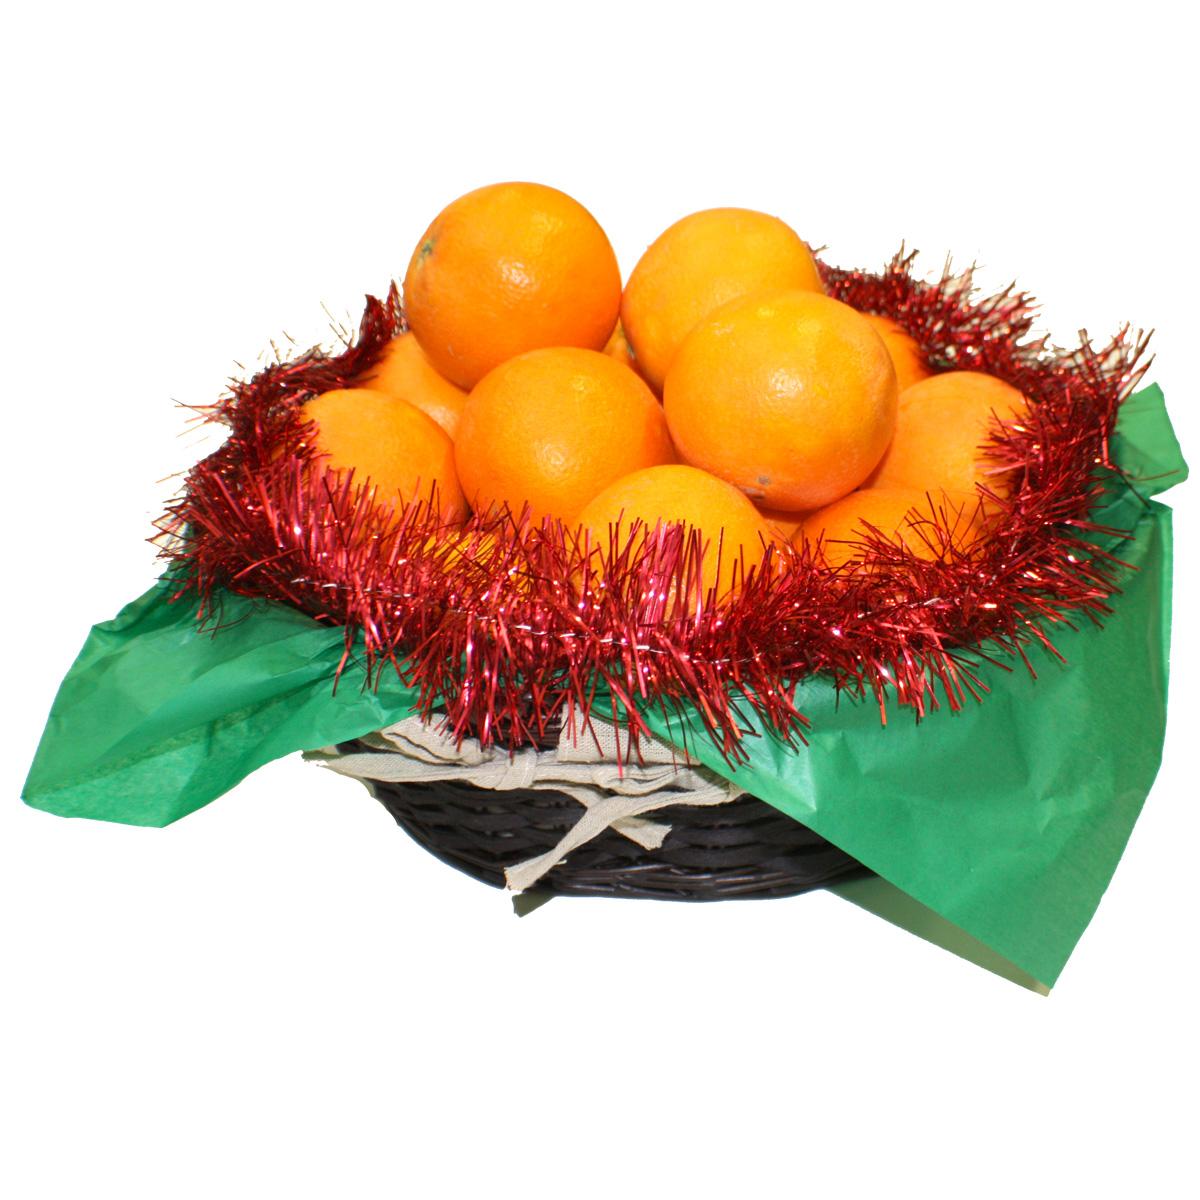 Comprar naranjas de calidad servicio a domicilio del arbol - Naranjas del arbol a la mesa ...